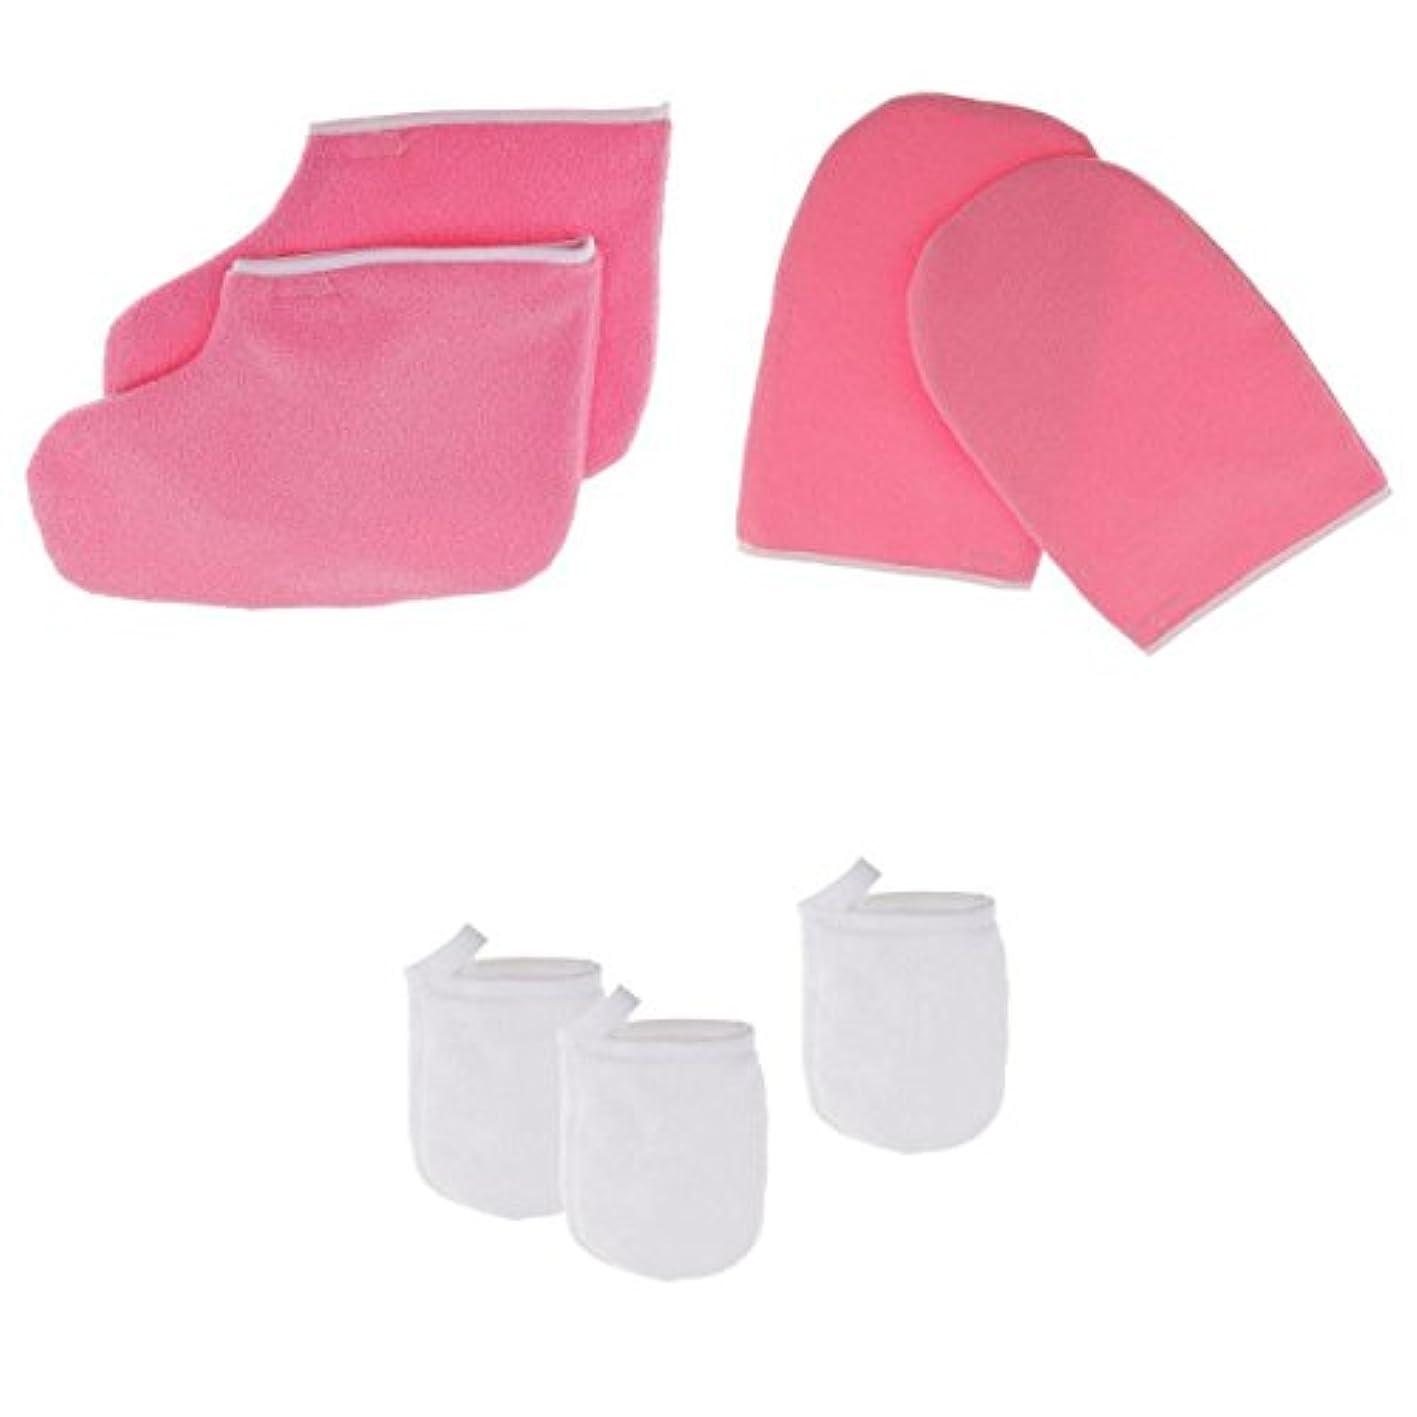 すり不器用ピークKesoto グローブ パラフィンワックス保護手袋 フェイシャルクレンジンググローブ クレンジンググローブ メイクリムーバー パッド パラフィンワックス手袋